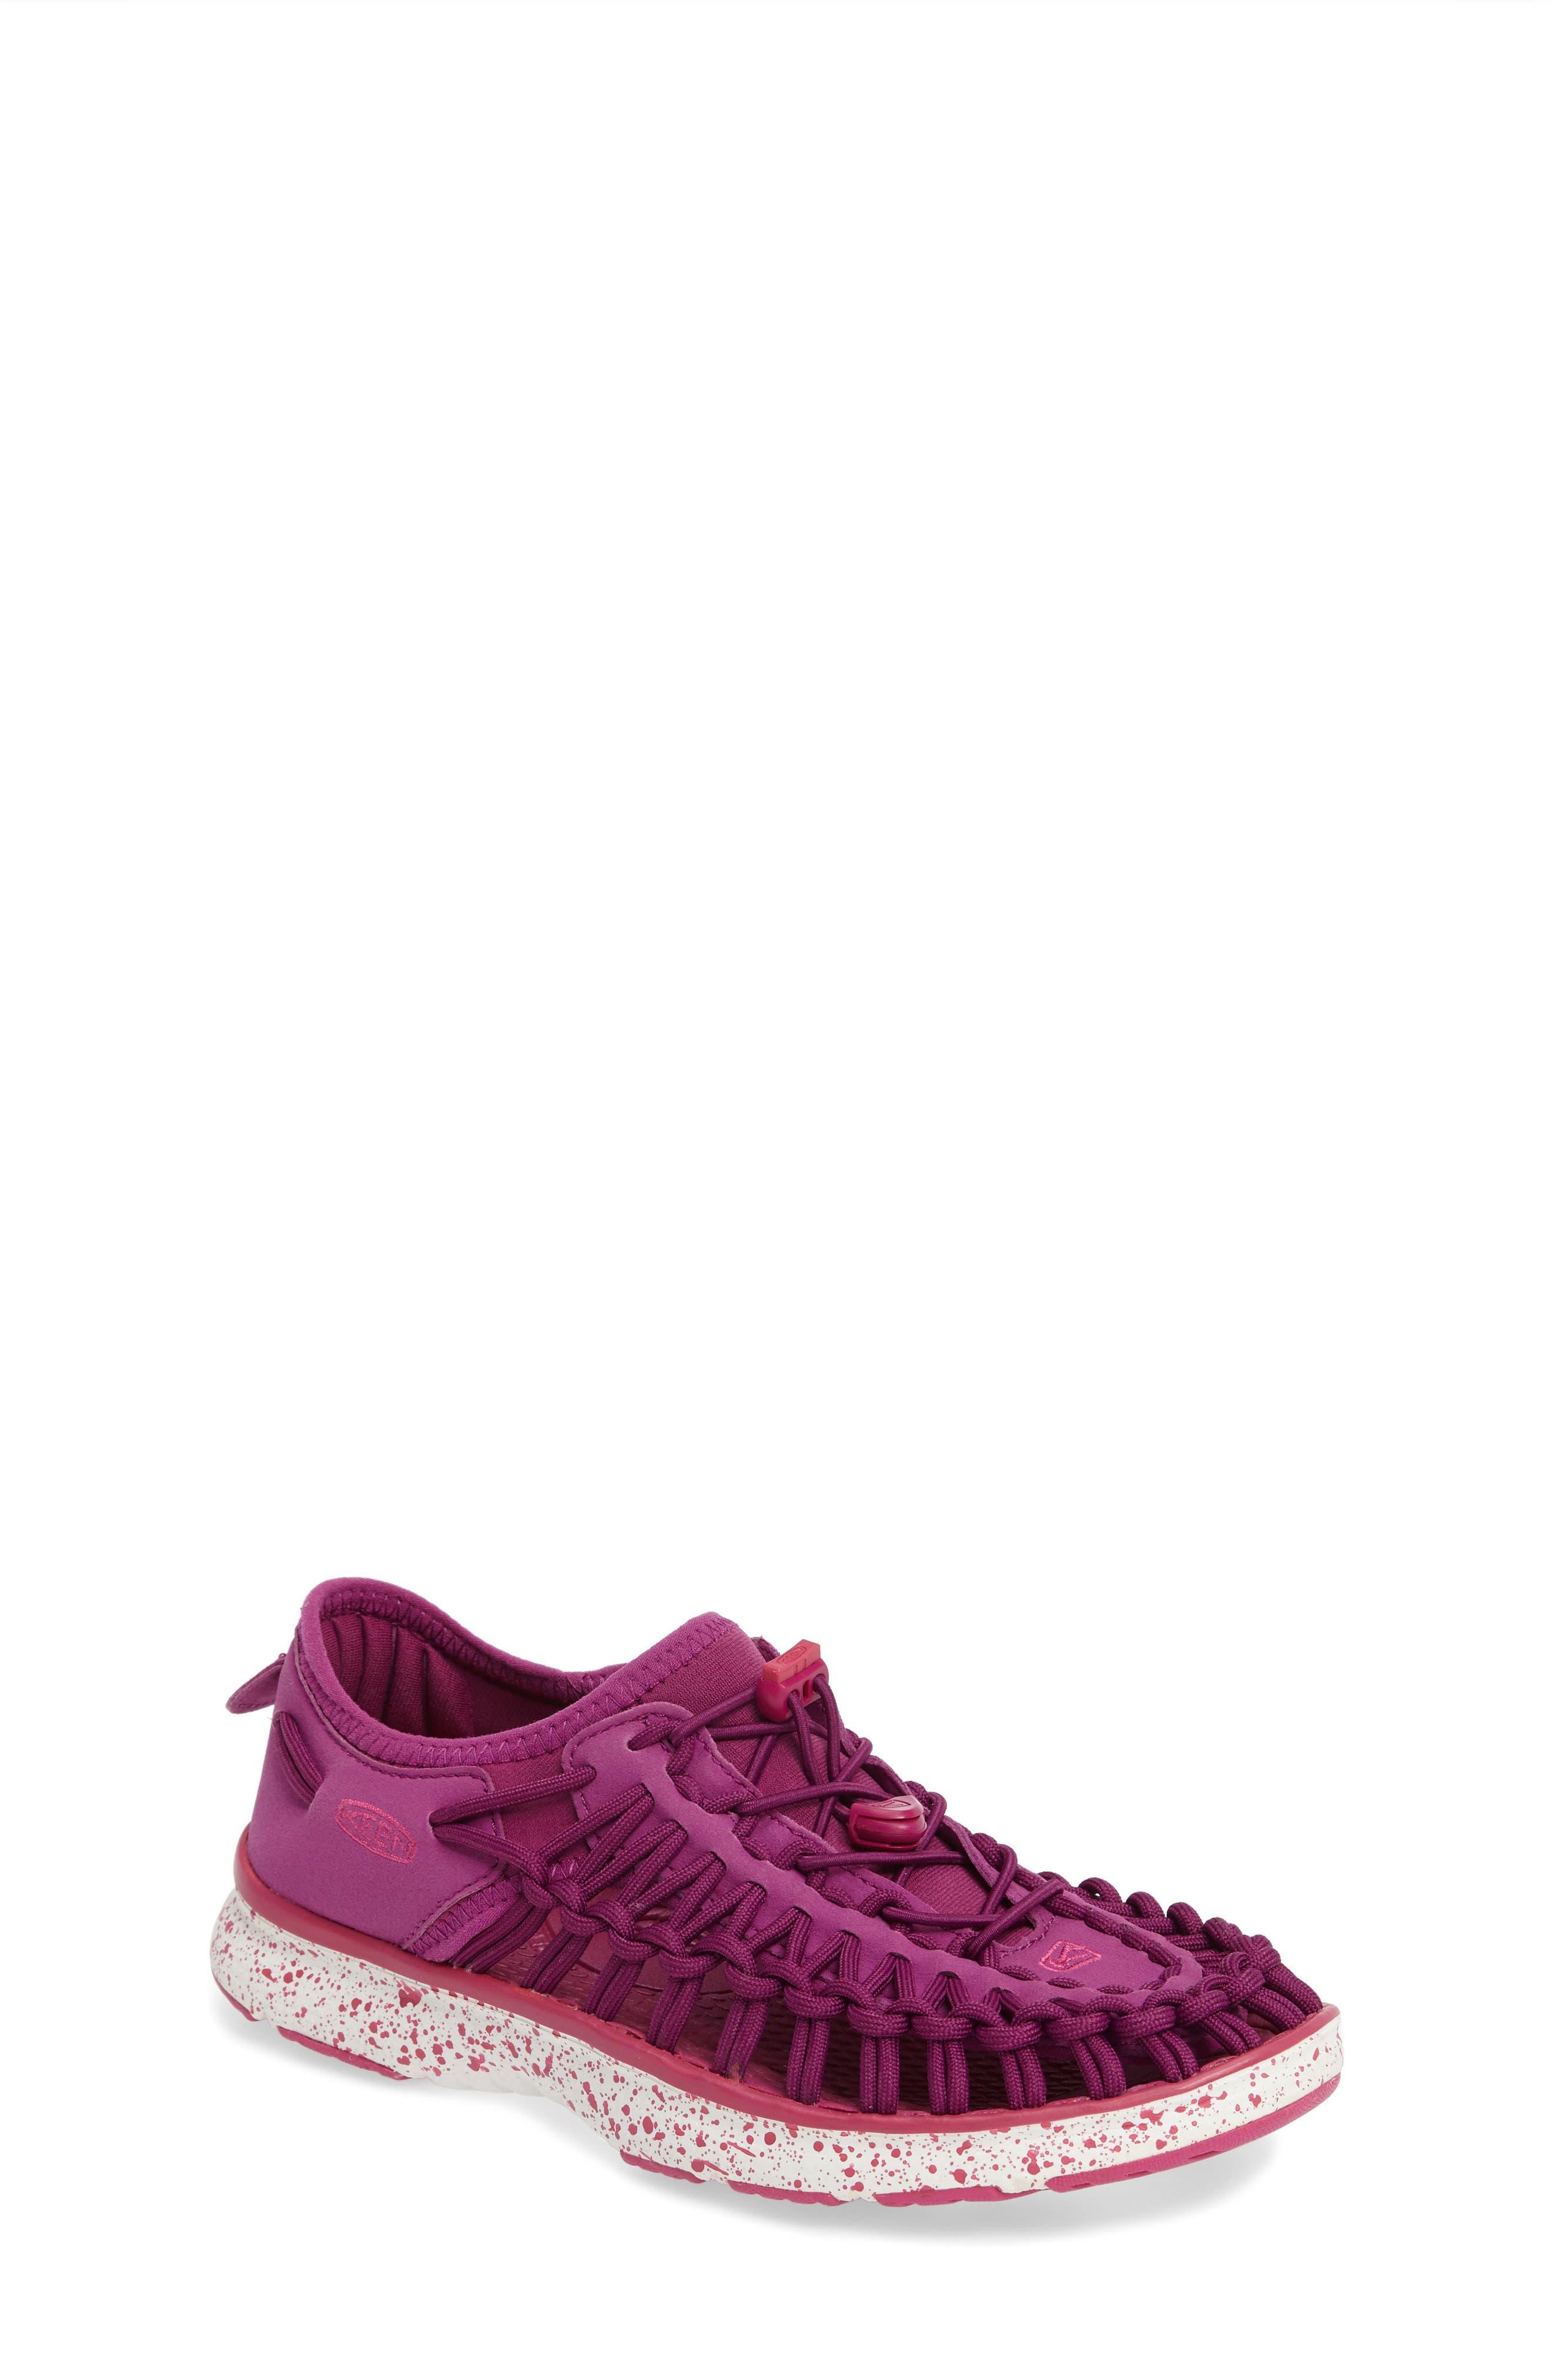 KEEN 'Uneek' Water Sneaker